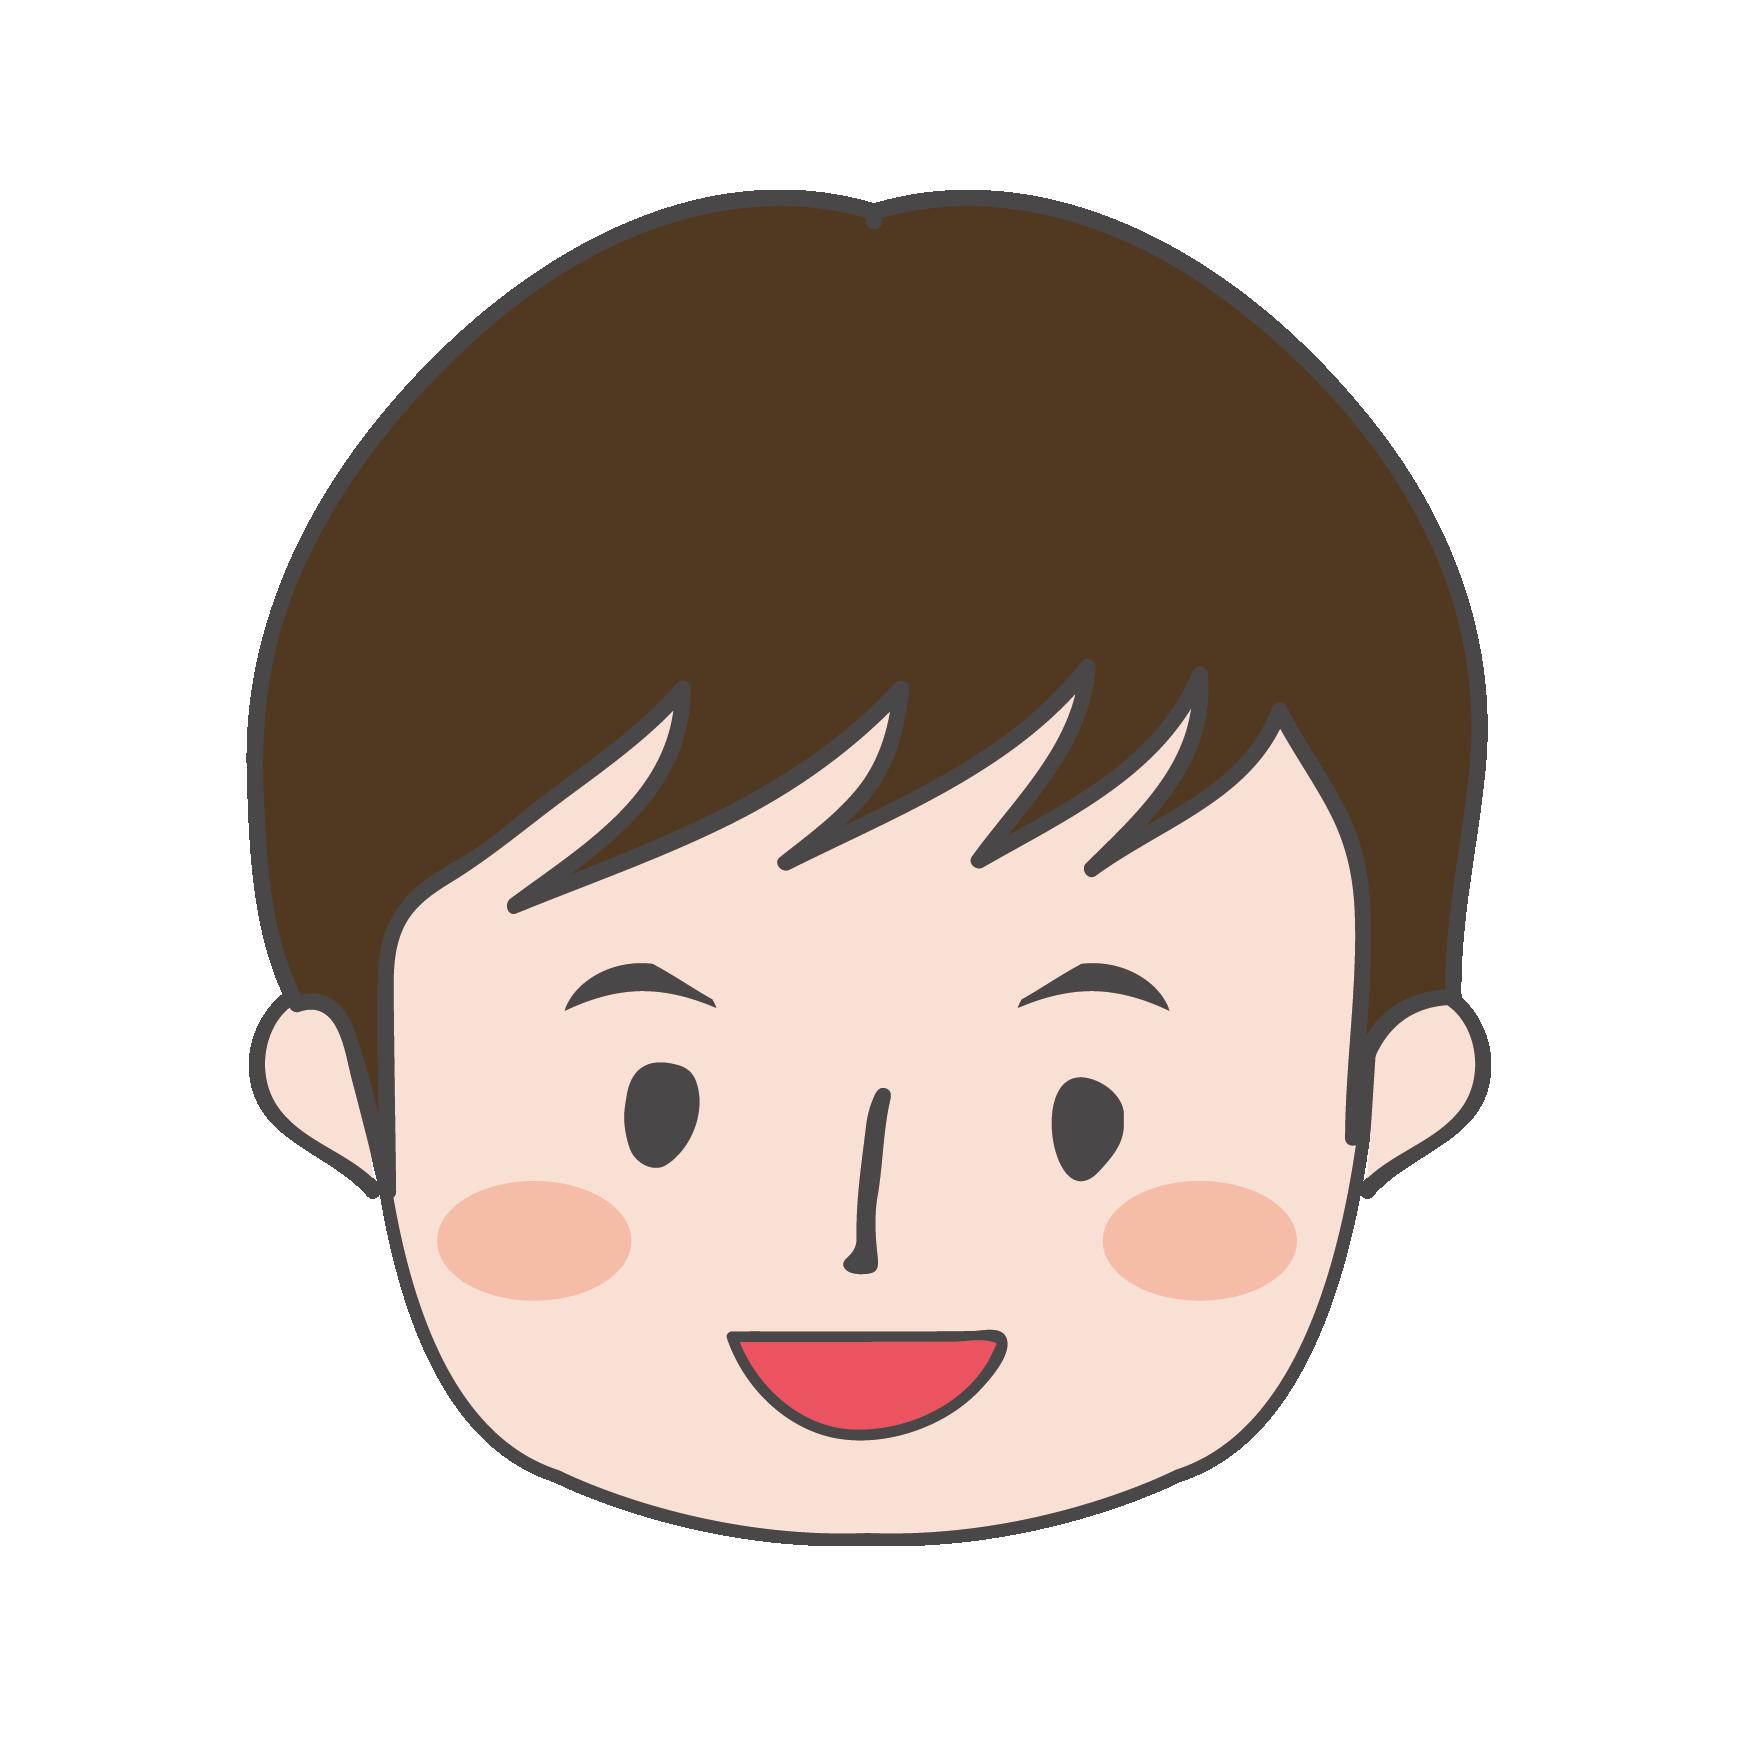 小さな男の子 イラスト顔のアップ 商用フリー無料のイラスト素材